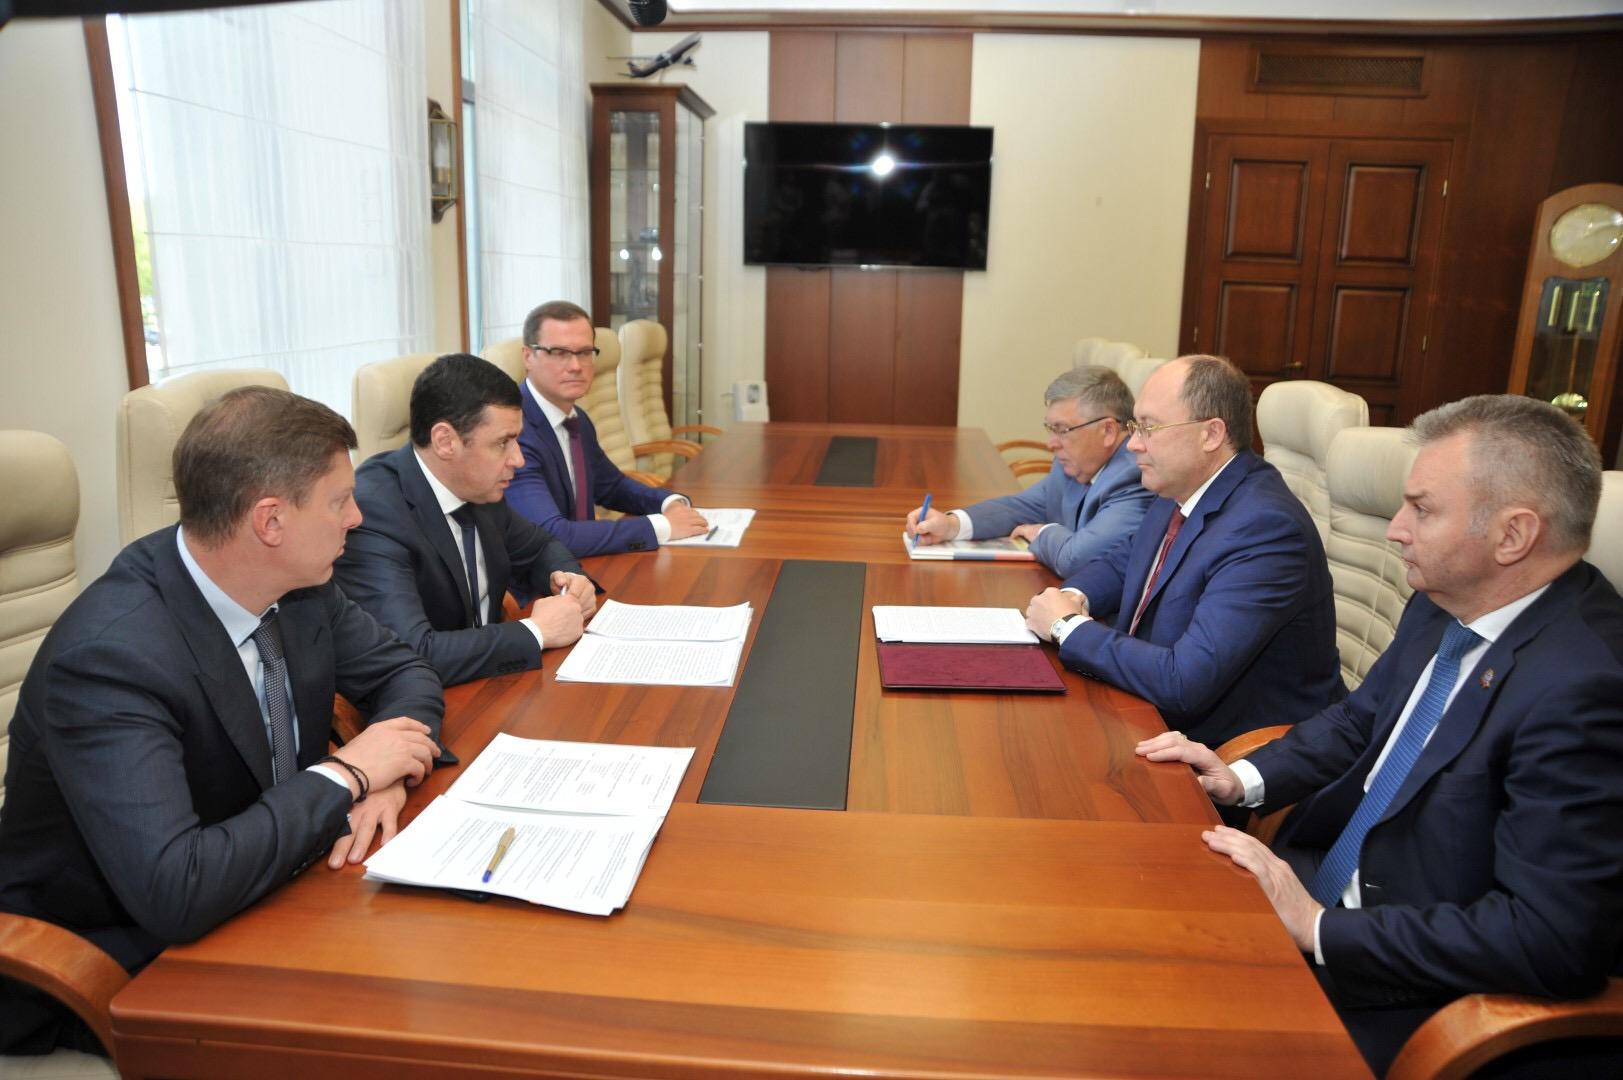 Ярославская область оказалась в лидерах по объему инвестиций в развитие туризма